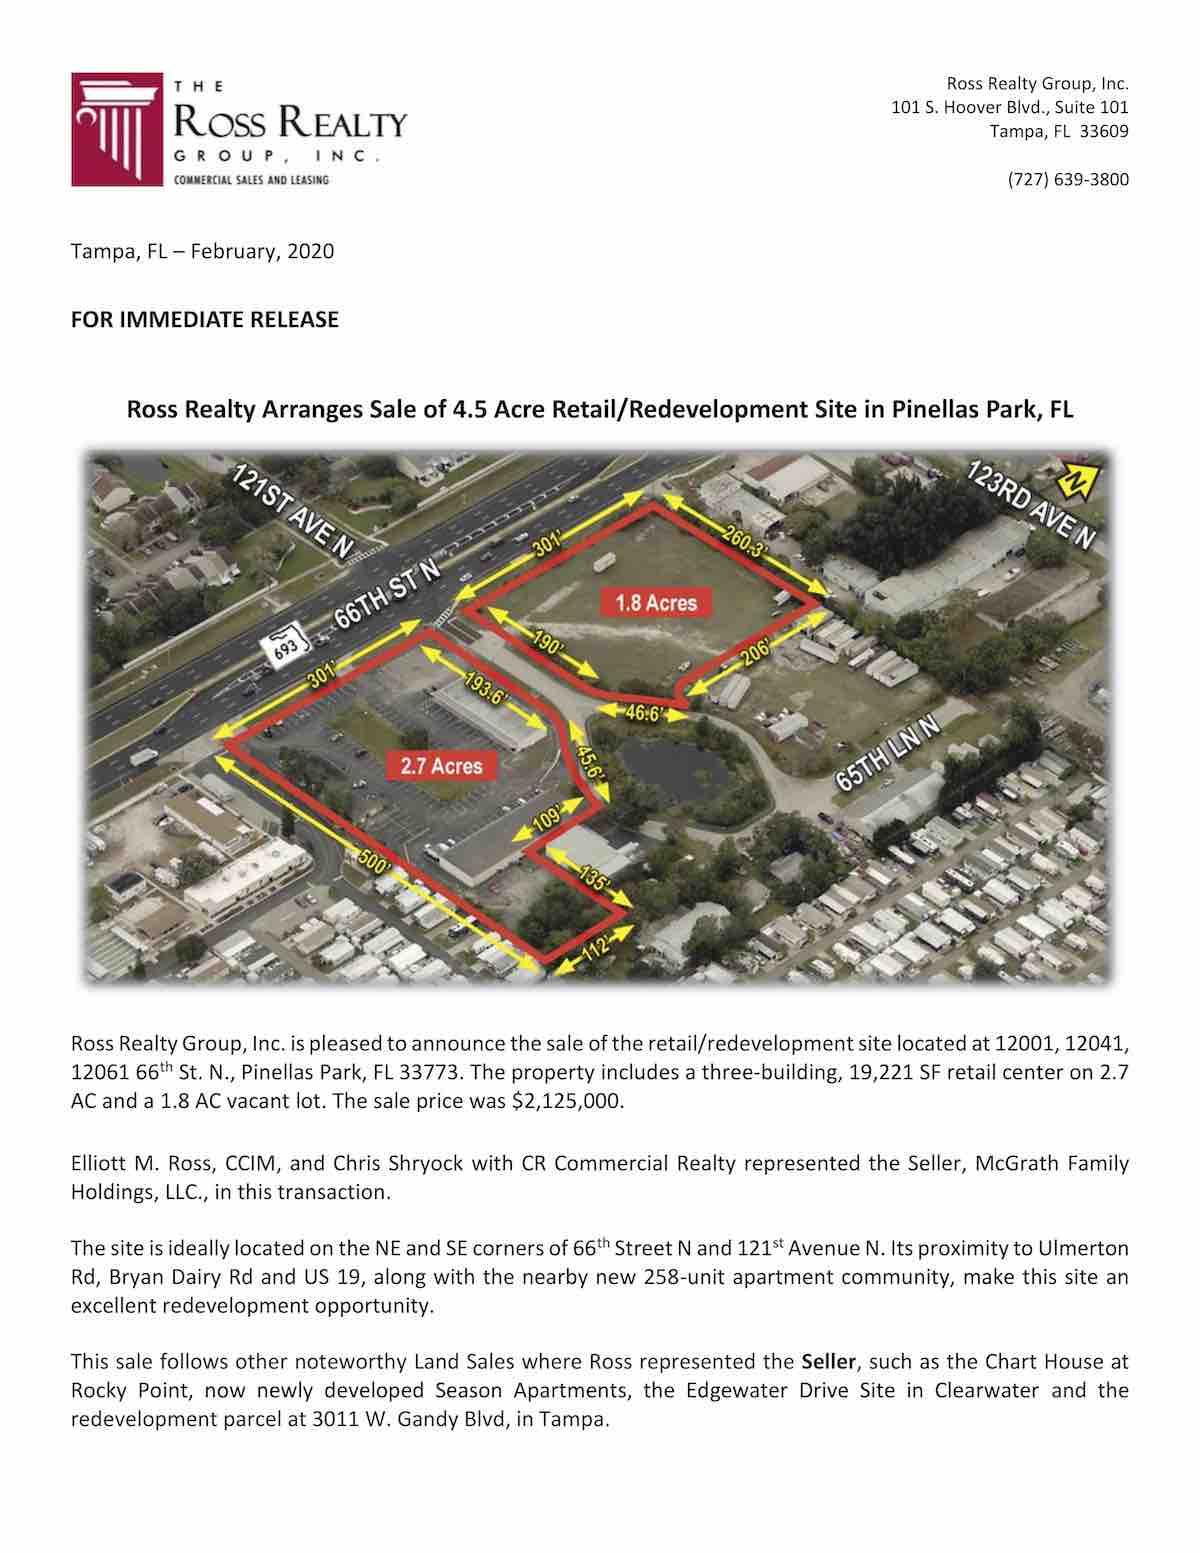 Pine Lake Press Release 2-20 P1